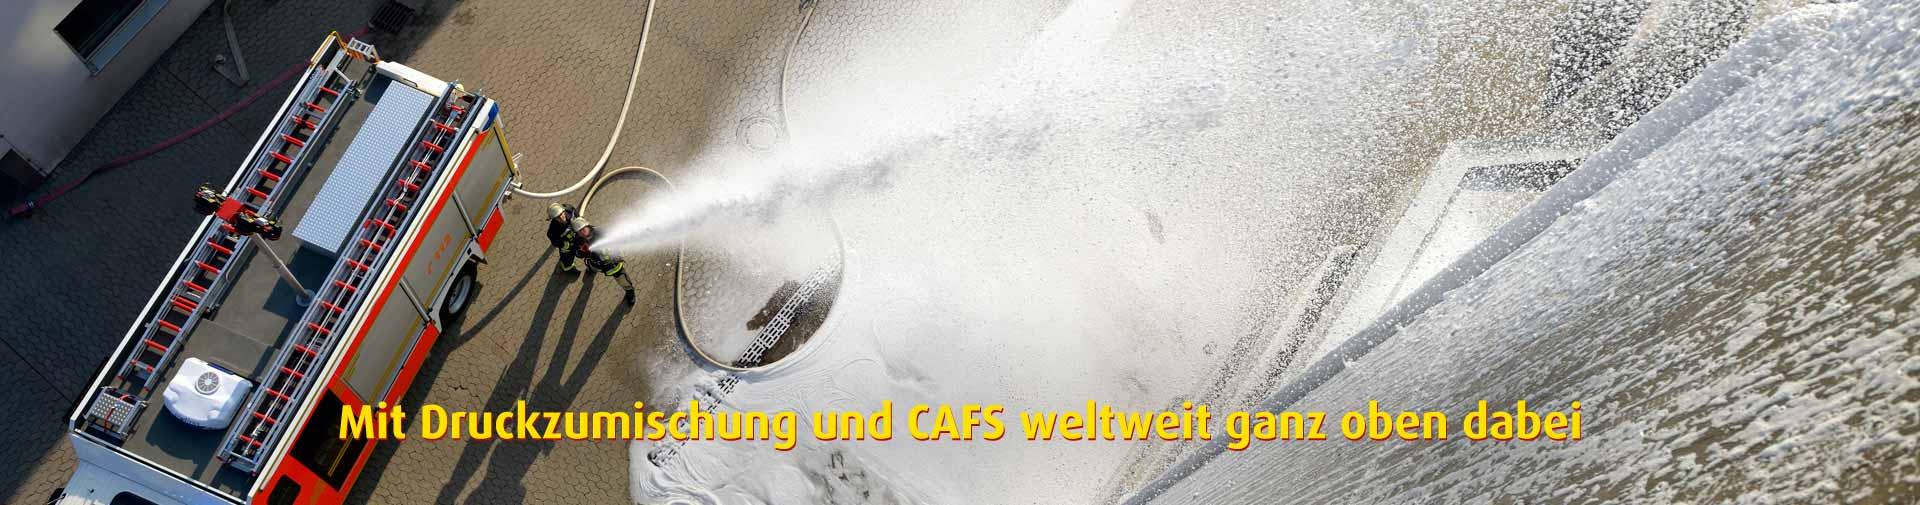 Höchstleistung bei Druckzumischung und CAFS